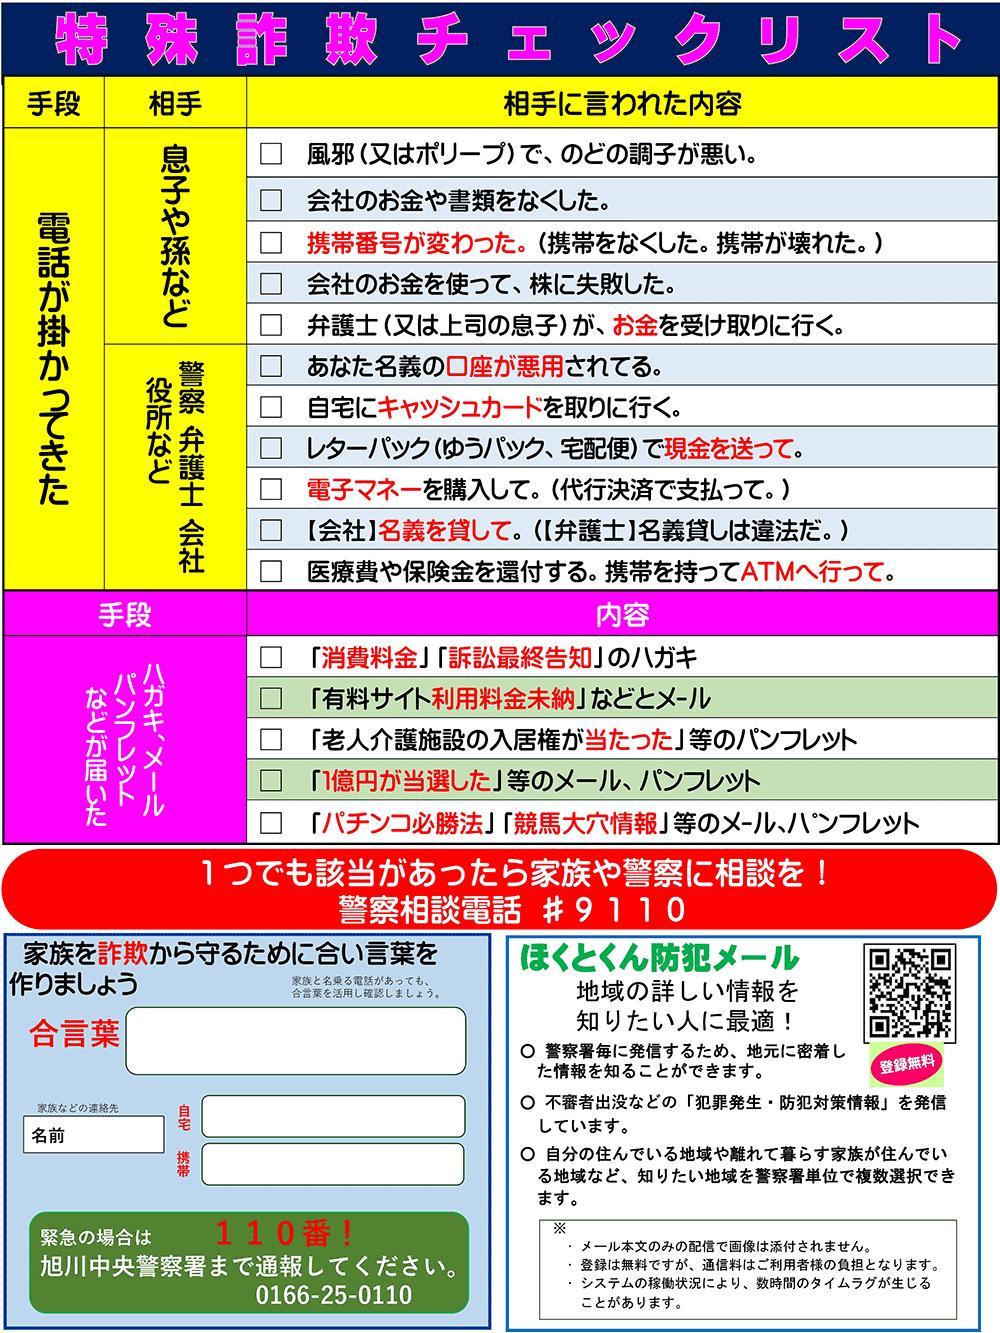 特殊詐欺防犯チラシ(裏)_002